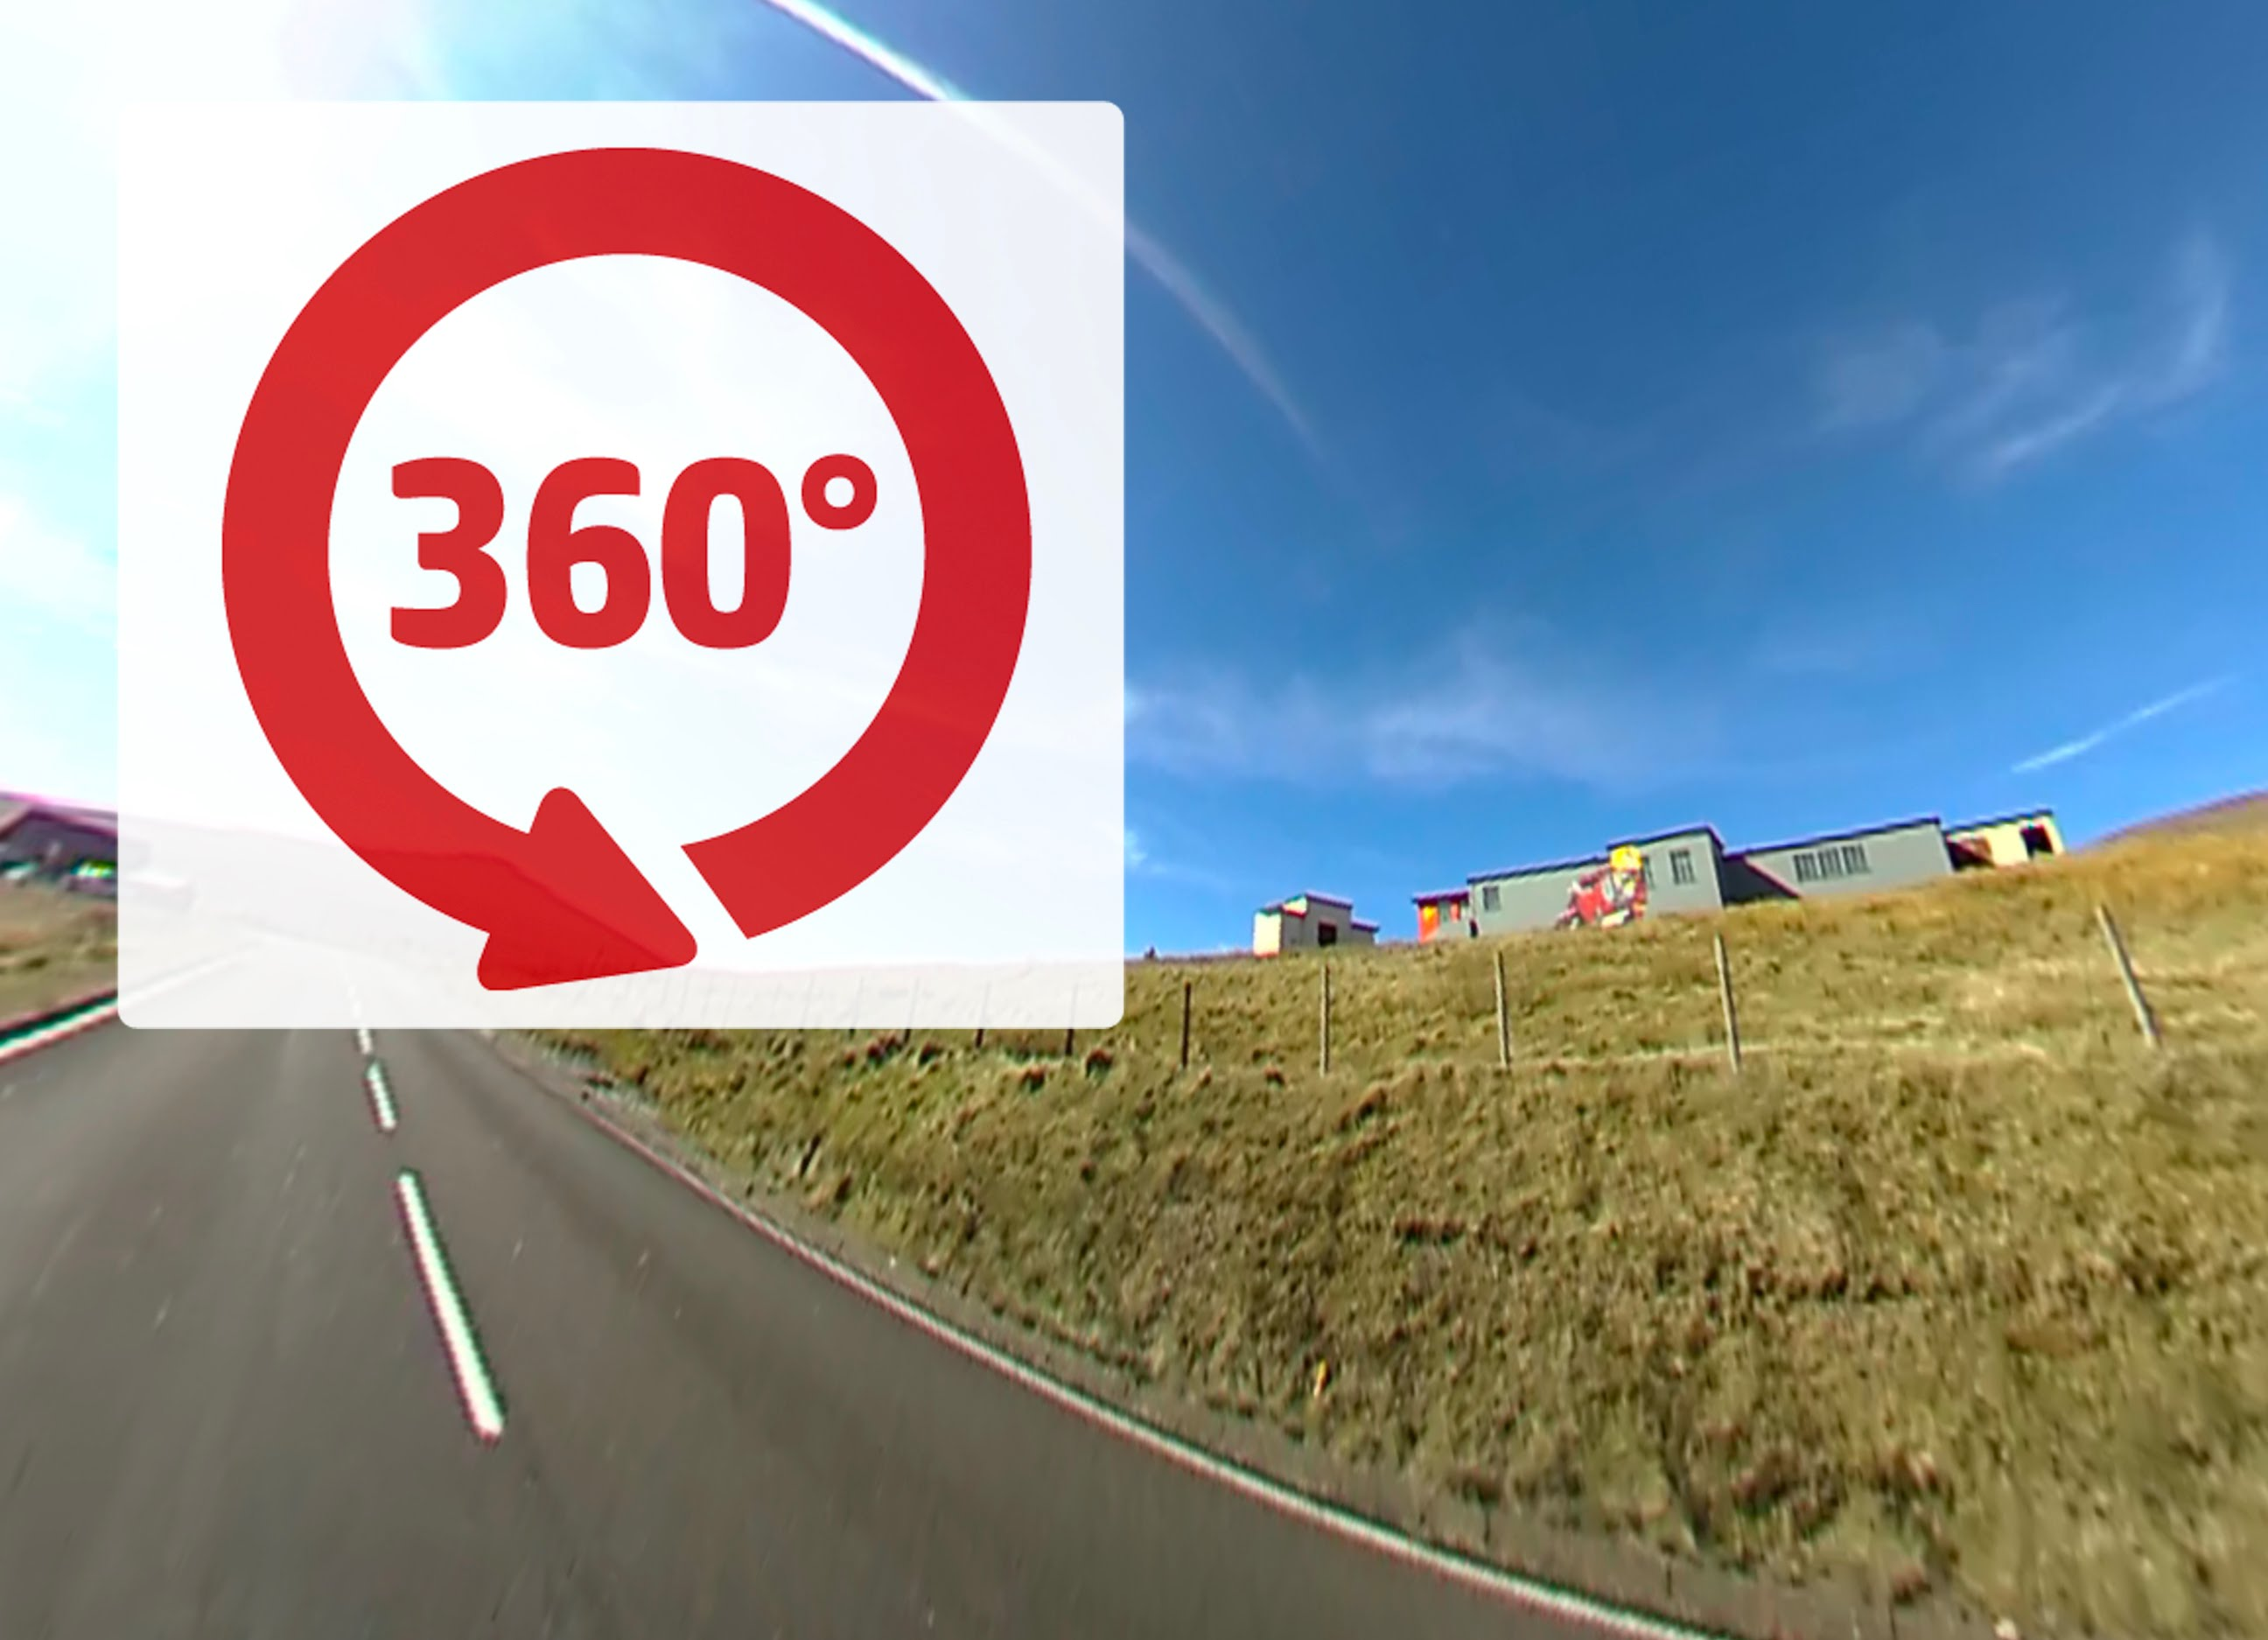 360度カメラ で マン島TT を撮るとこーなる。